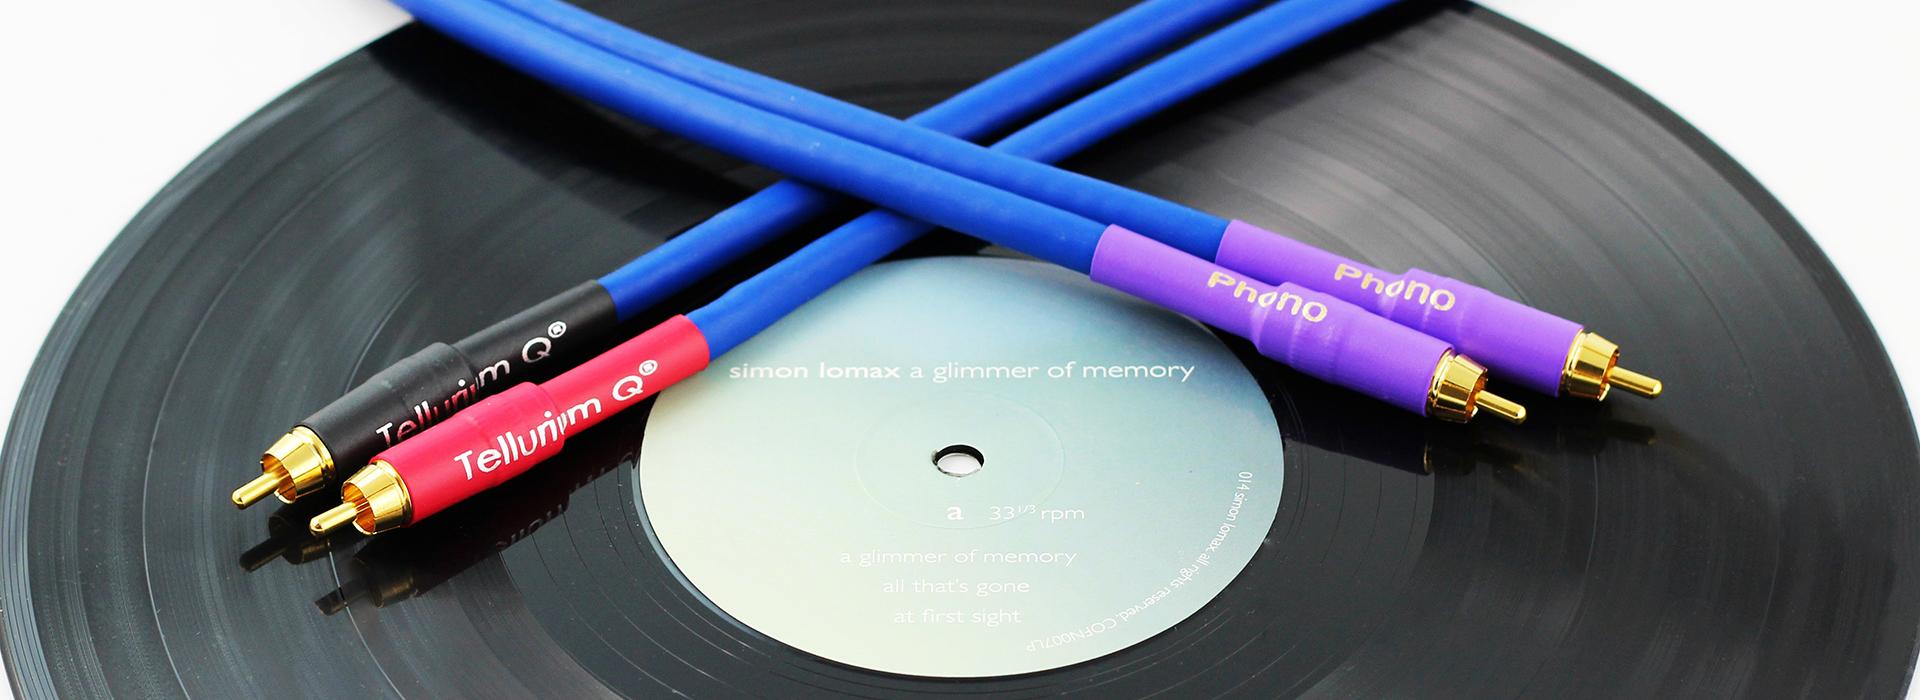 Tellurium Q | Blue | Interconnect Phono